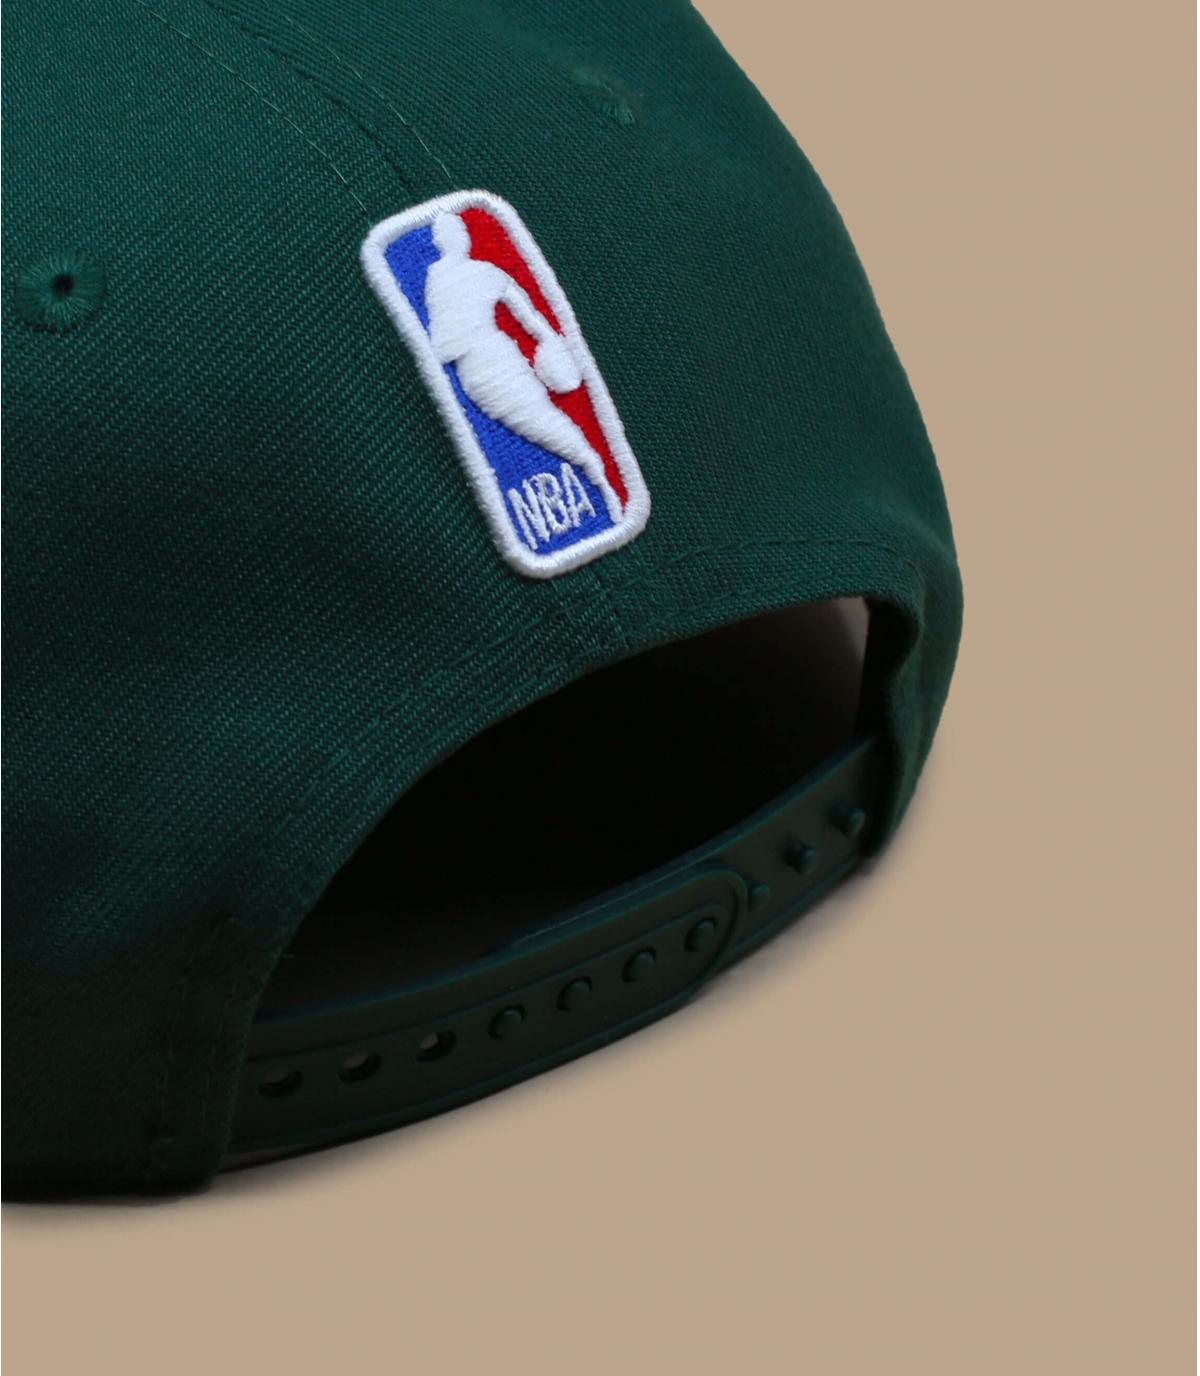 Detalles Snapback NBA Draft Bucks 950 imagen 4